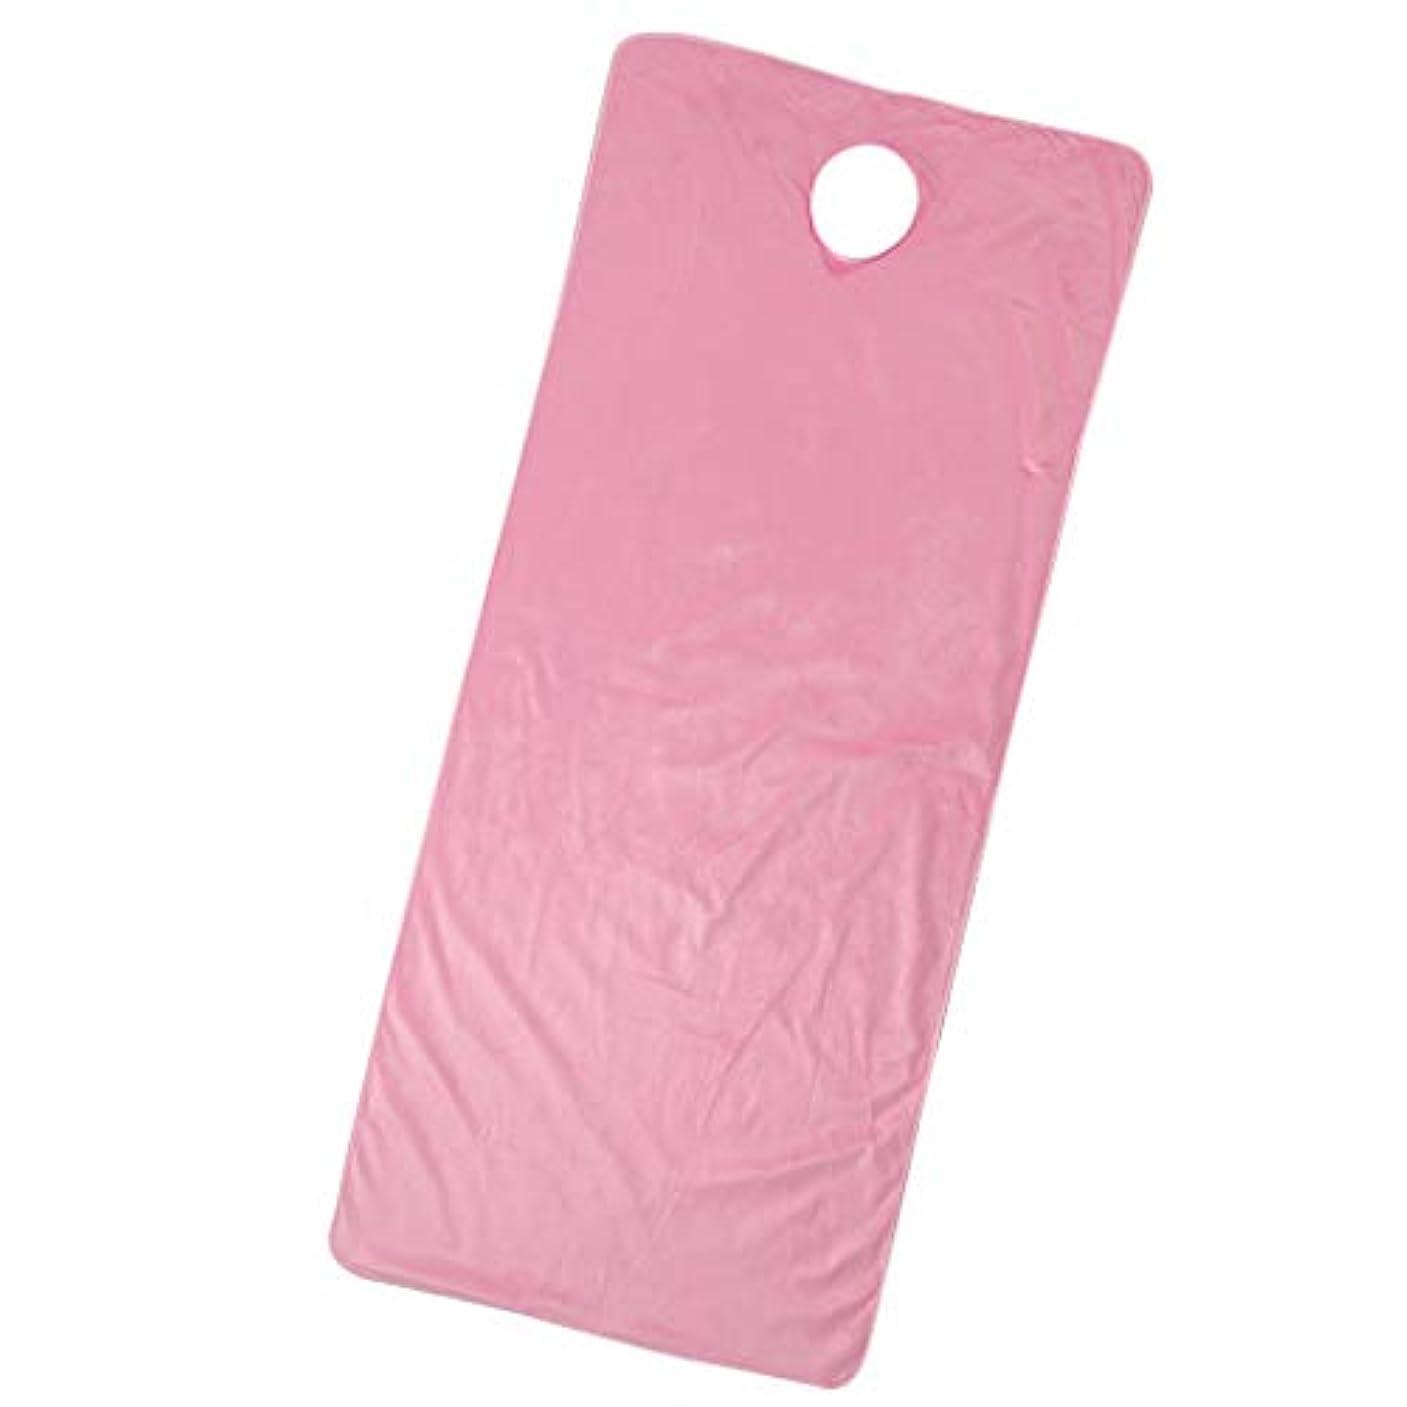 頑丈パステルテンポFenteer スパ マッサージベッドカバー 有孔 うつぶせ 美容ベッドカバー 快適 通気性